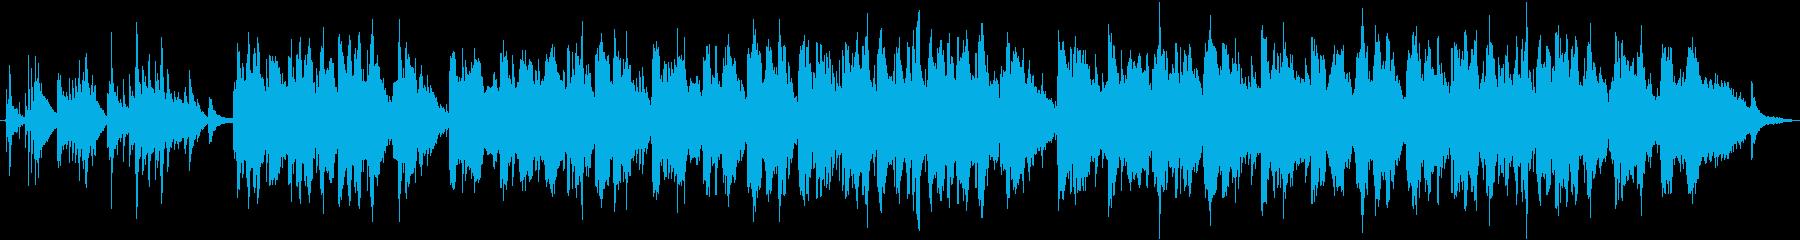 世界的な二胡奏者の生演奏 切なく寂しい曲の再生済みの波形